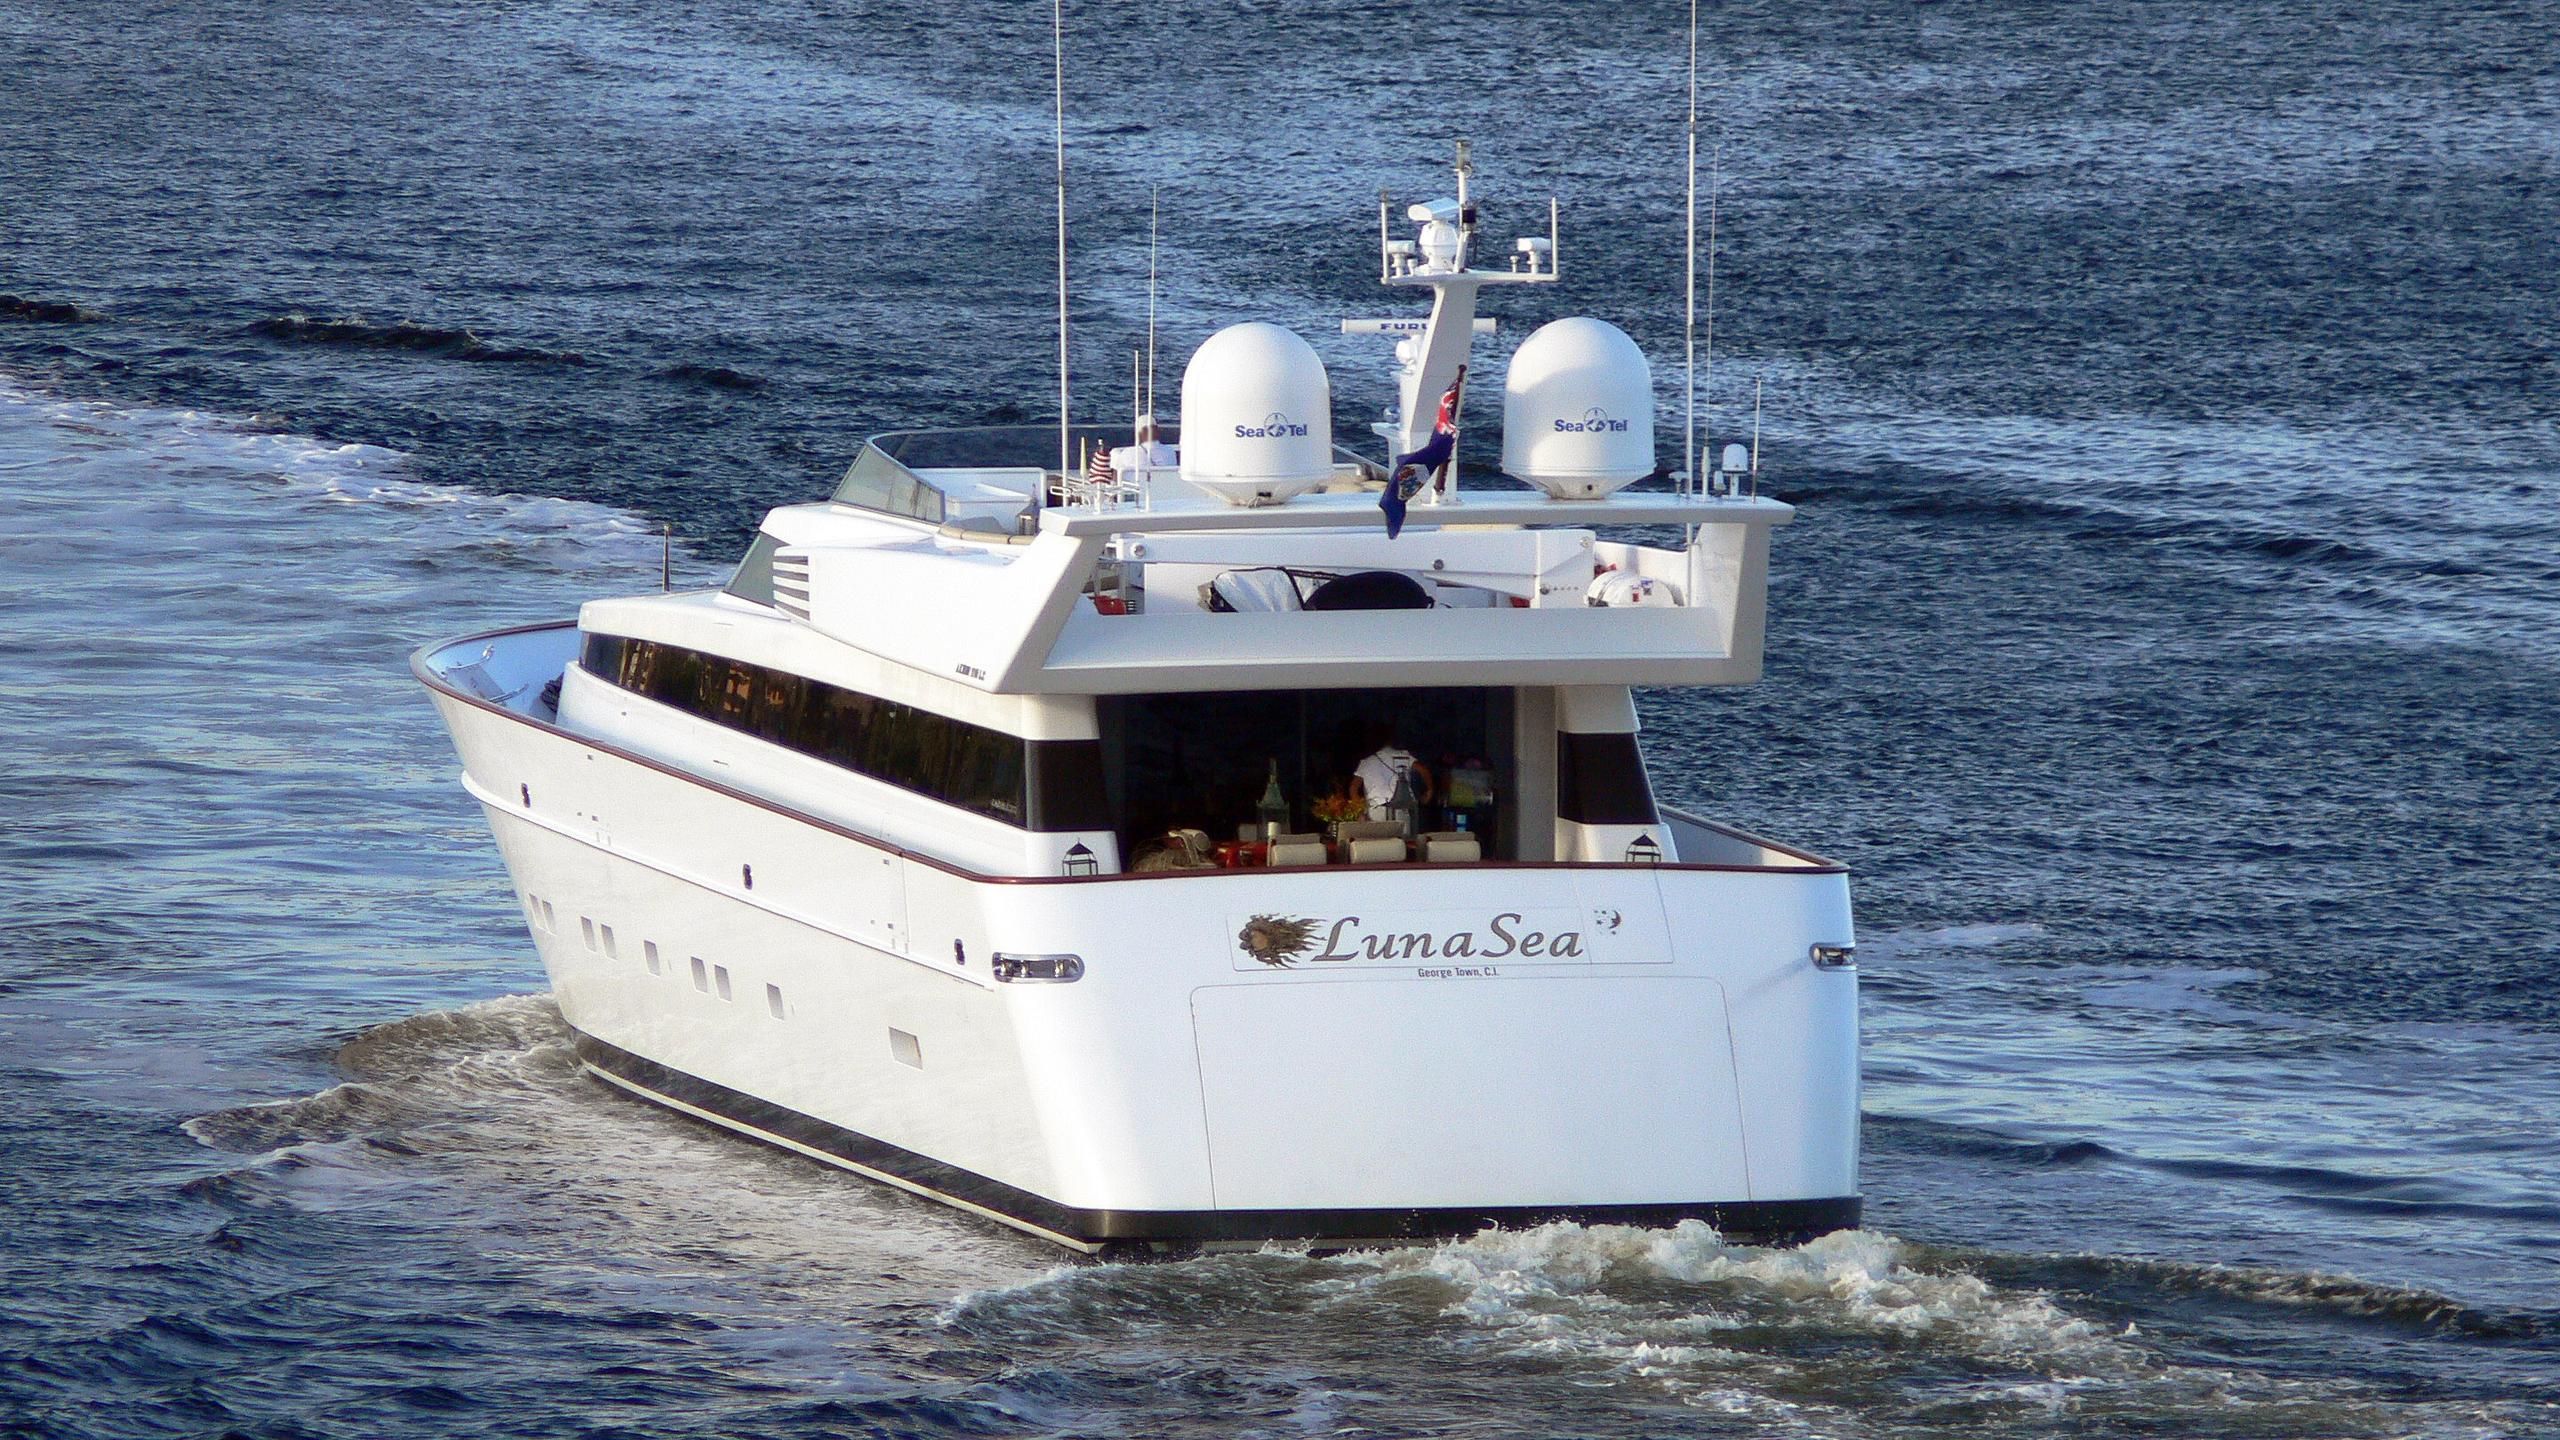 lunasea-motor-yacht-cantieri-di-pisa-20000-akhir-34s-34m-stern